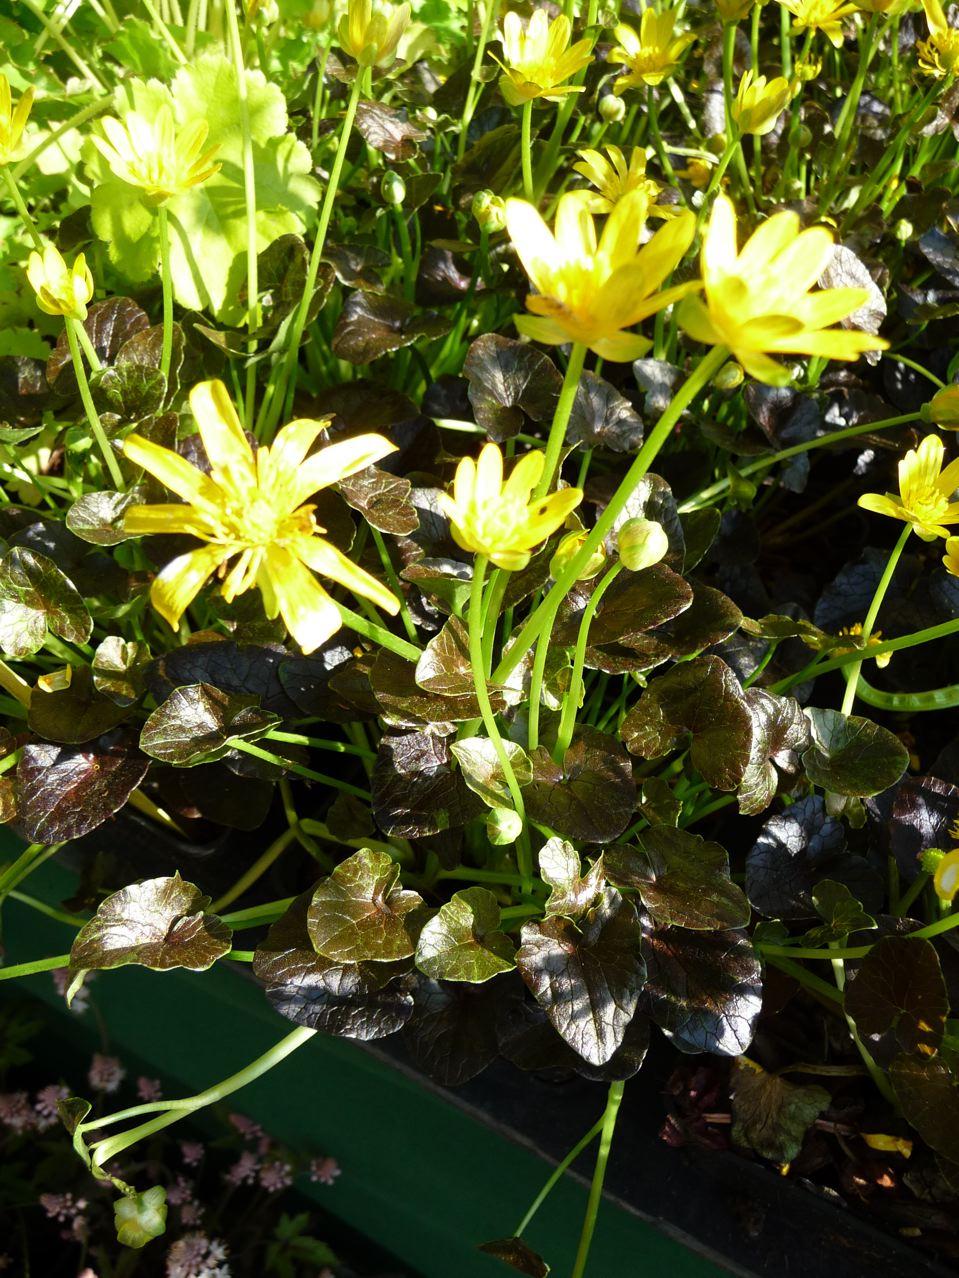 Plante vivace couvre-sol à floraison hivernale et printanière